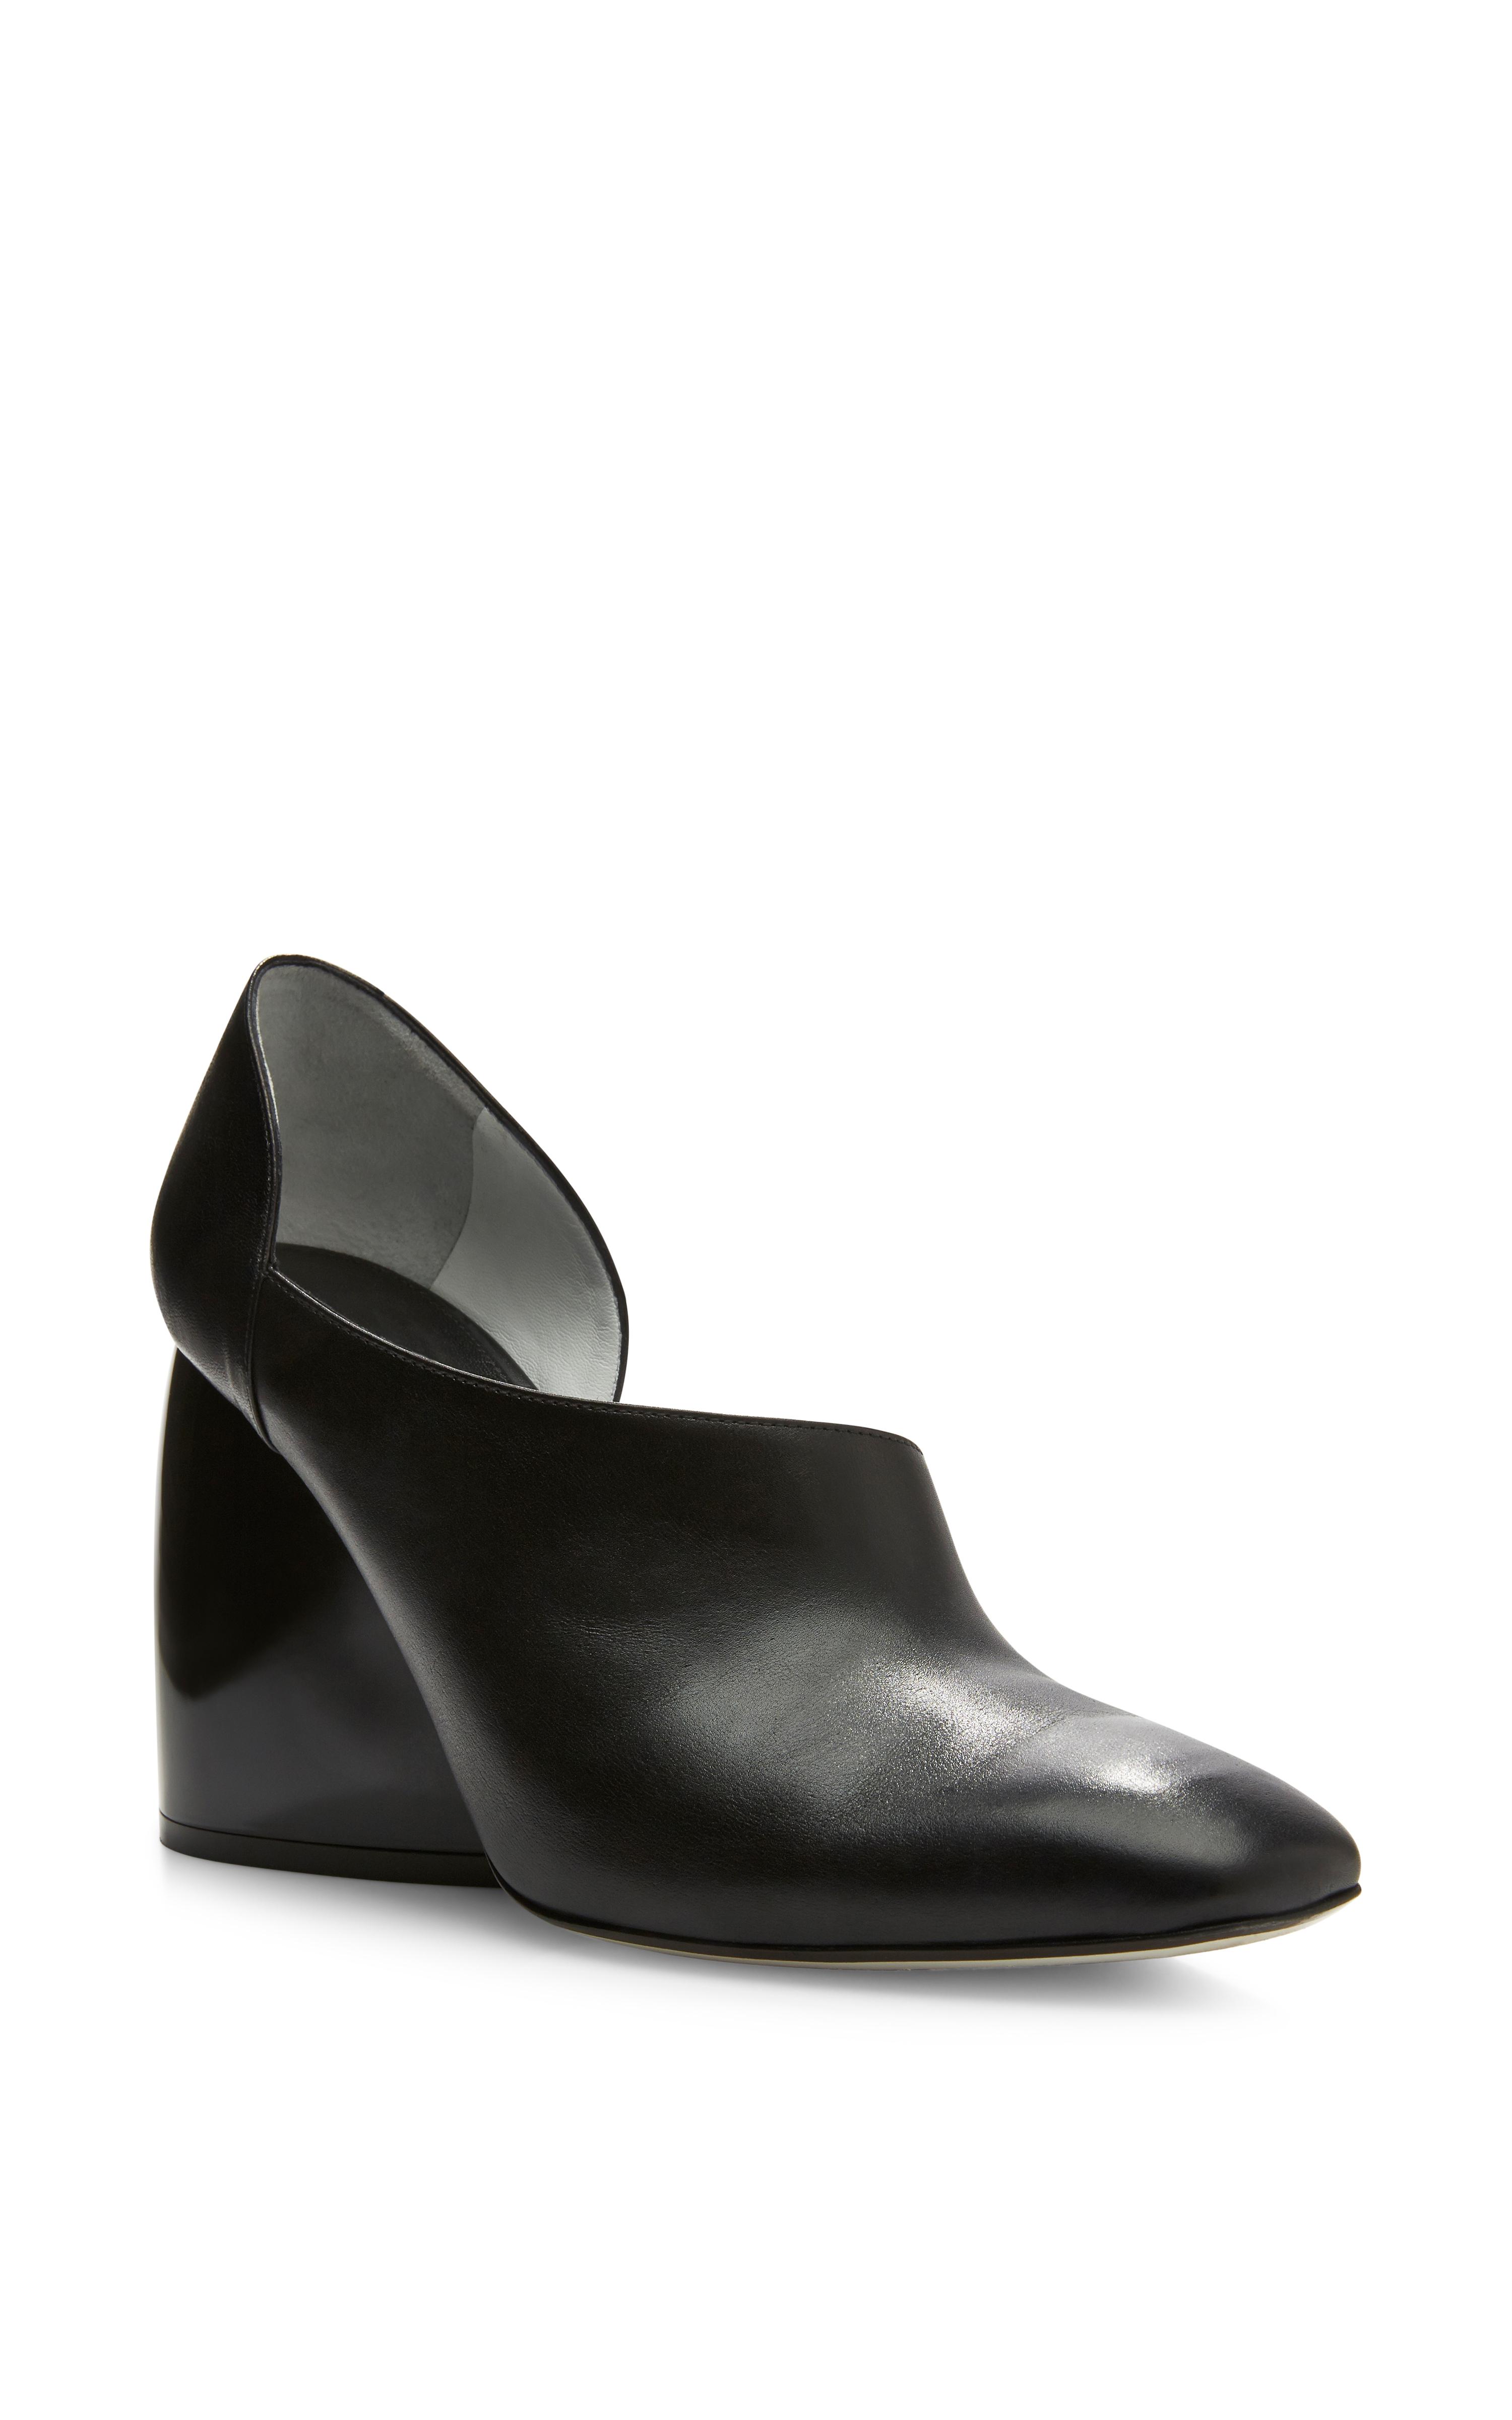 Loewe Cloth Heels a4mryNV